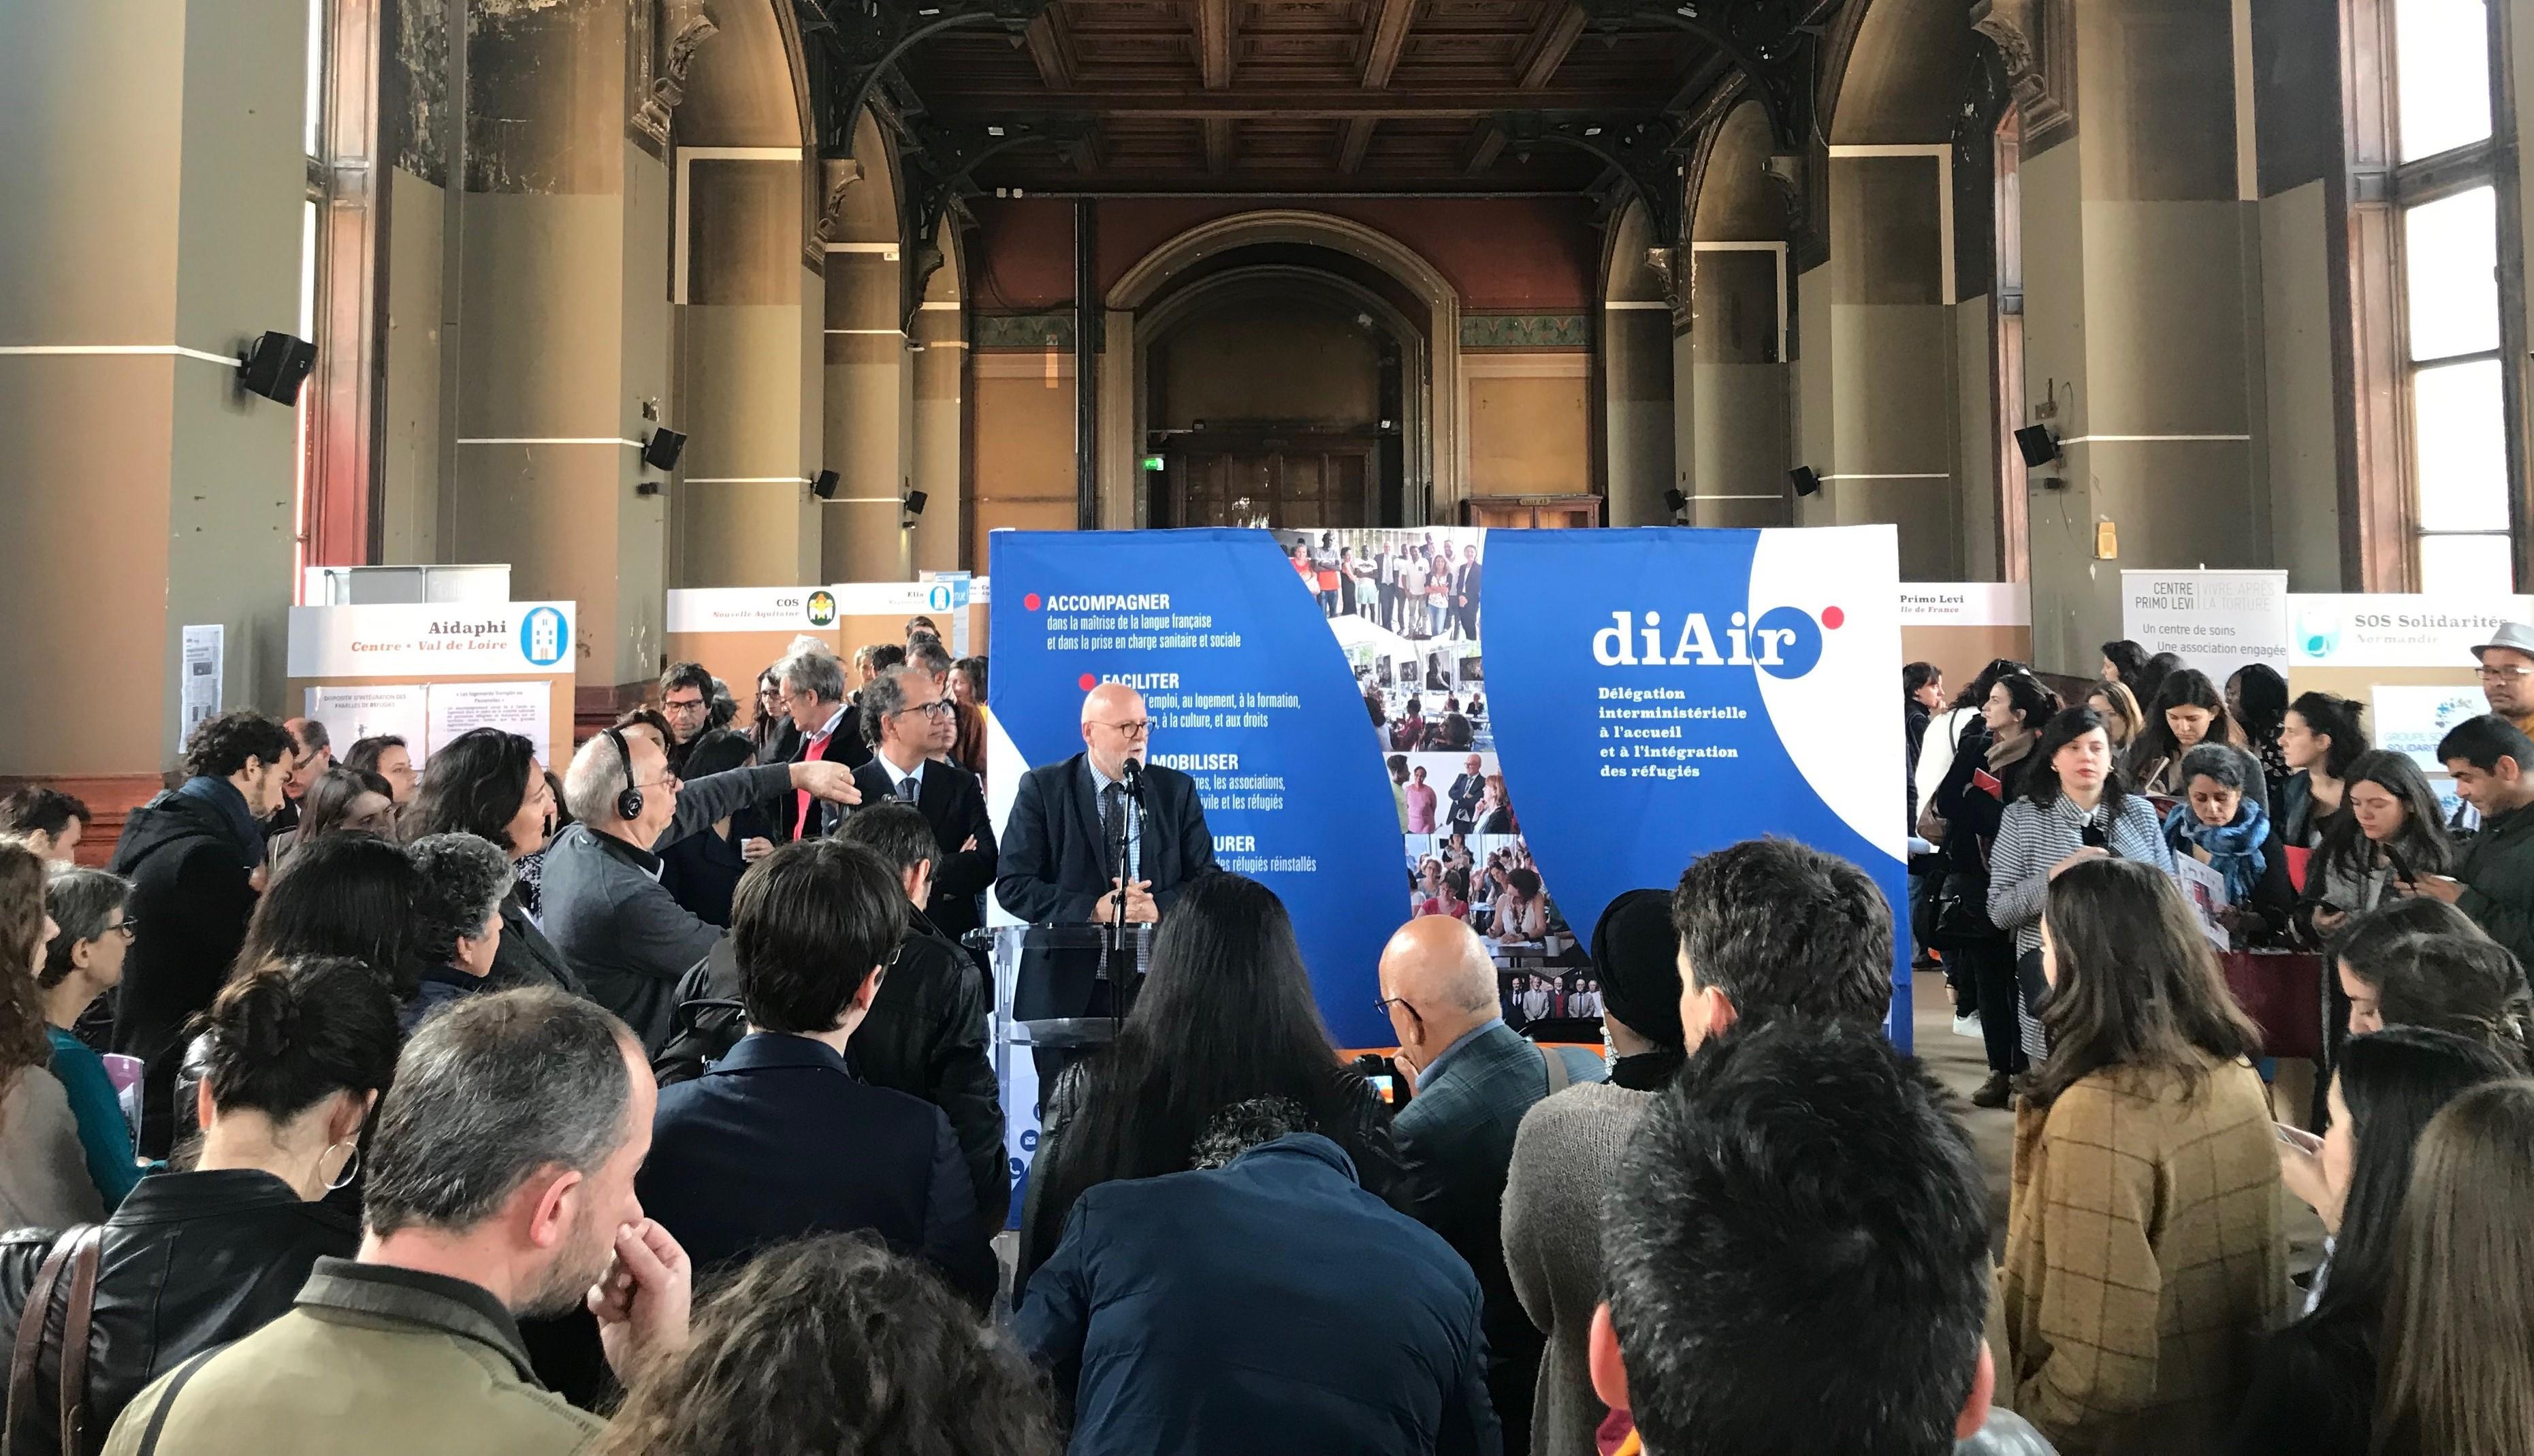 Discours d'Alain Régnier, délégué interministériel de l'accueil et de l'intégration des réfugiés